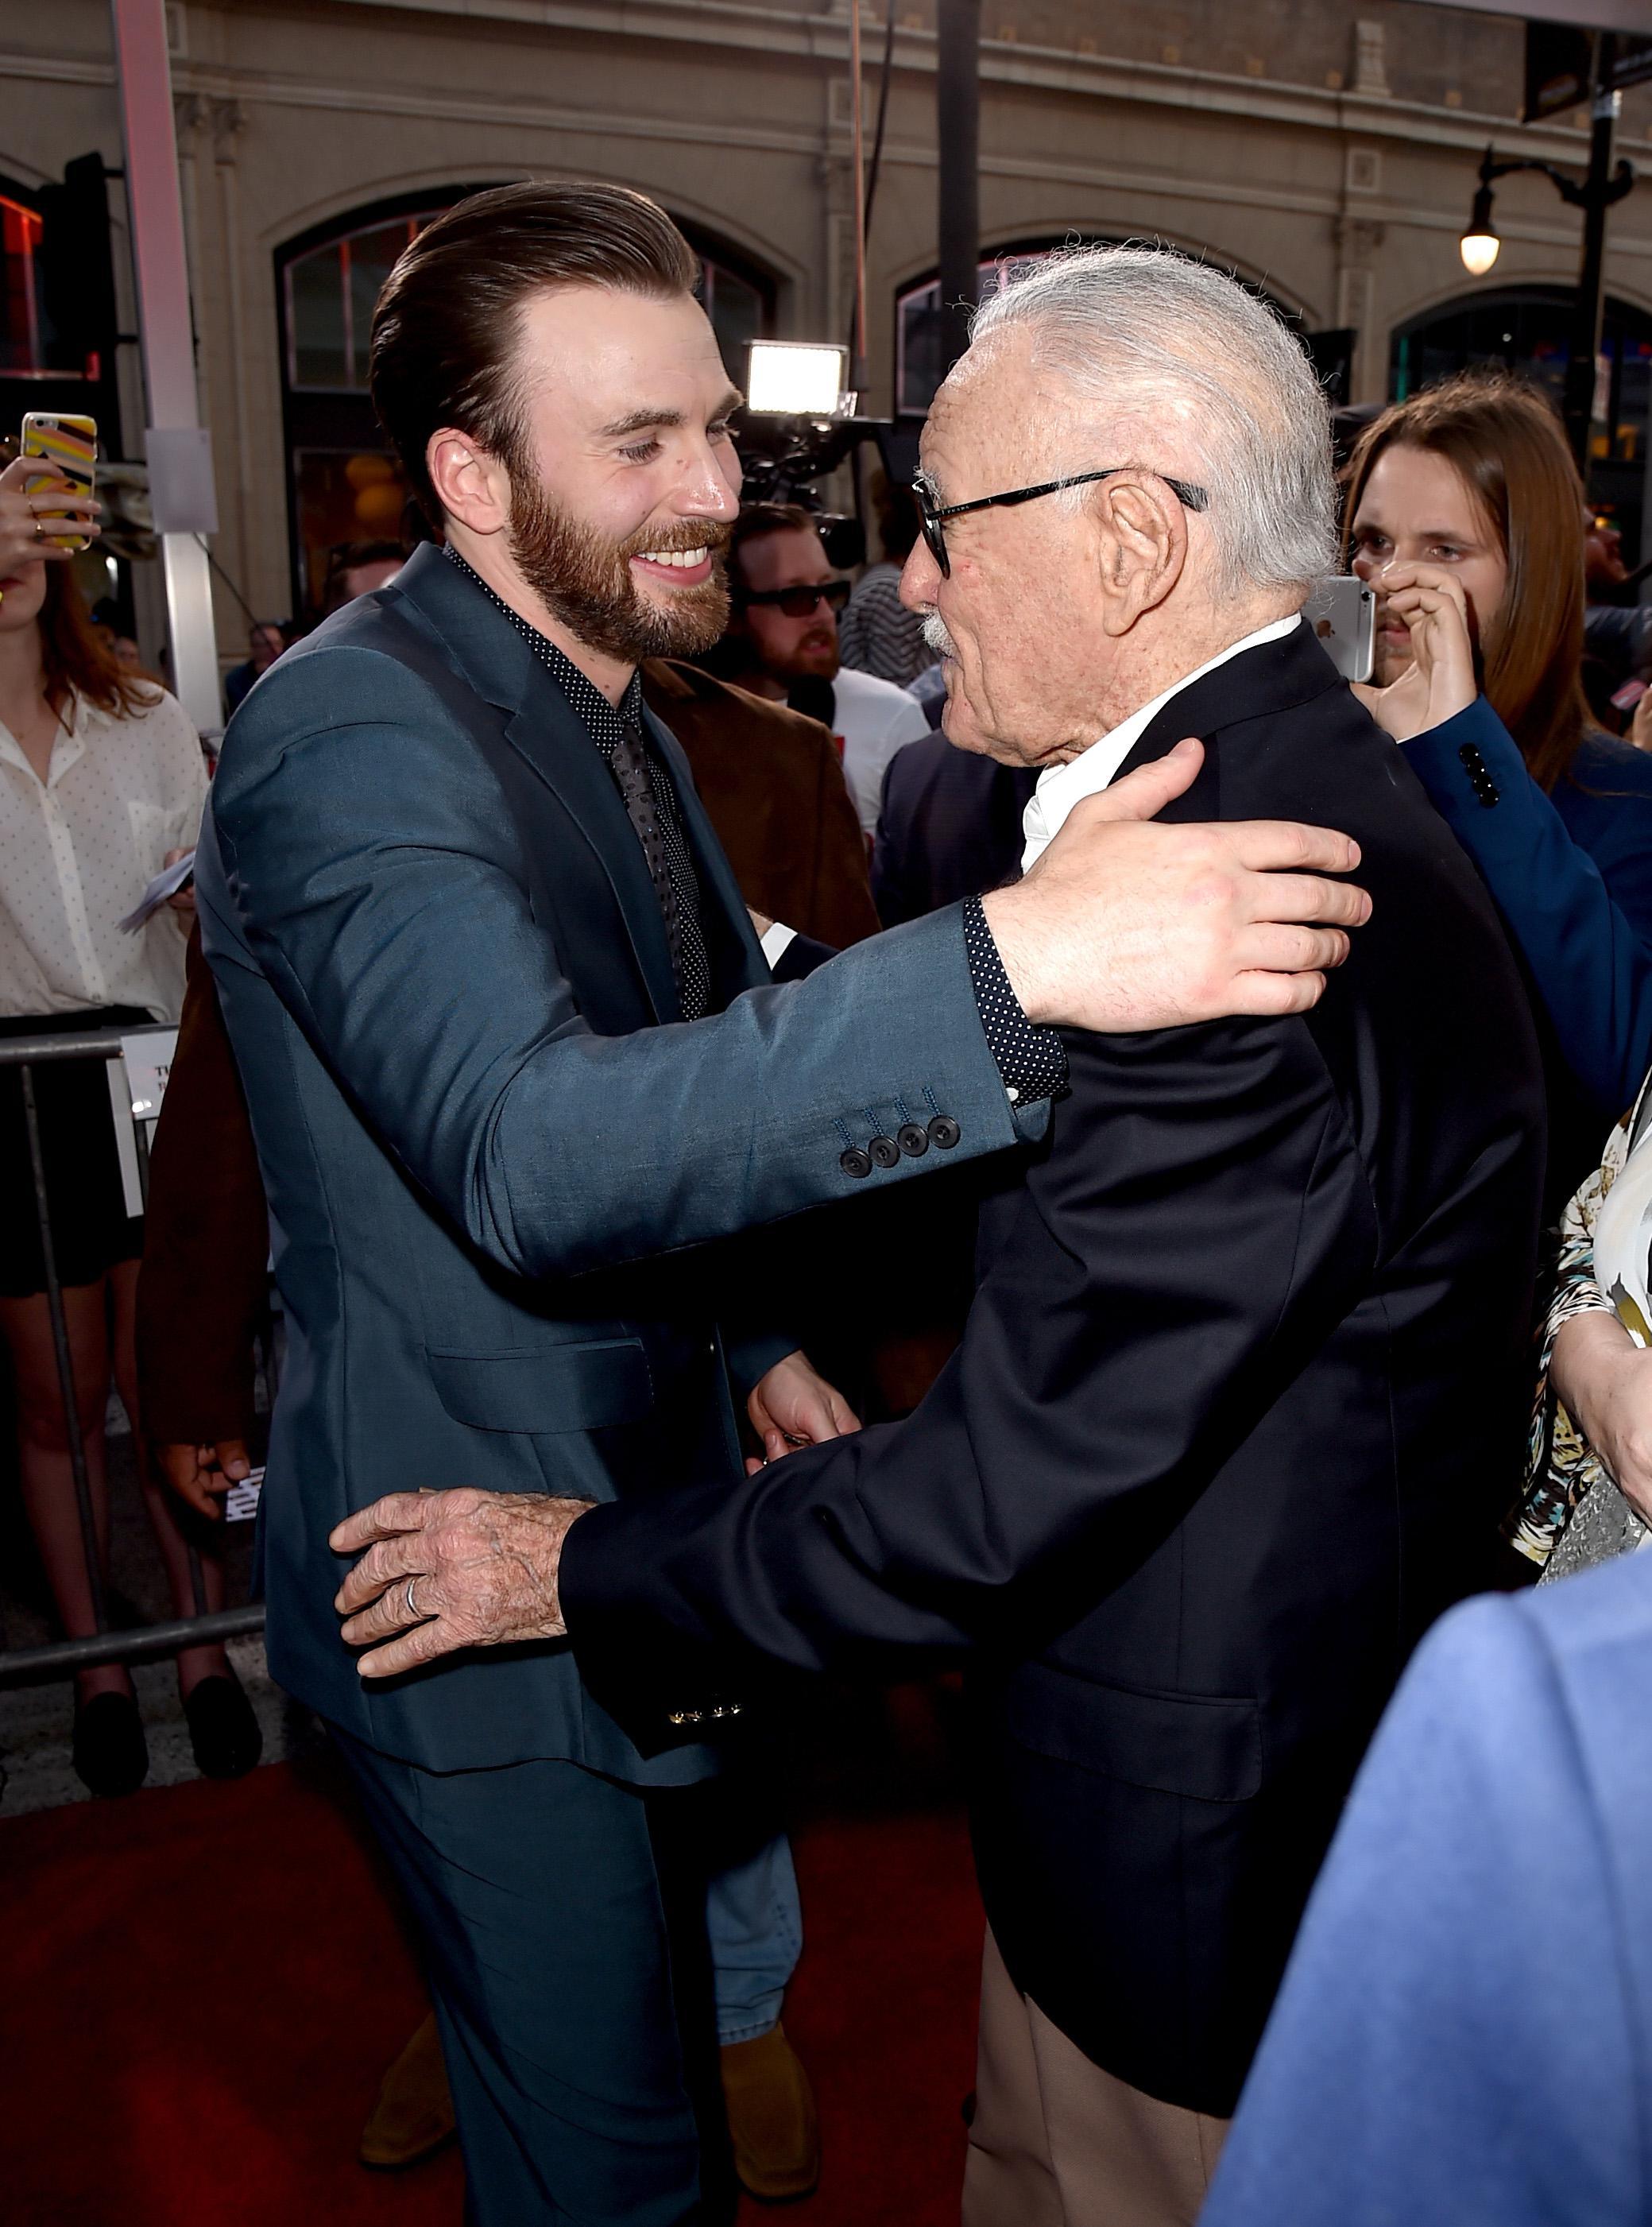 Chris Evans embracing Stan Lee.